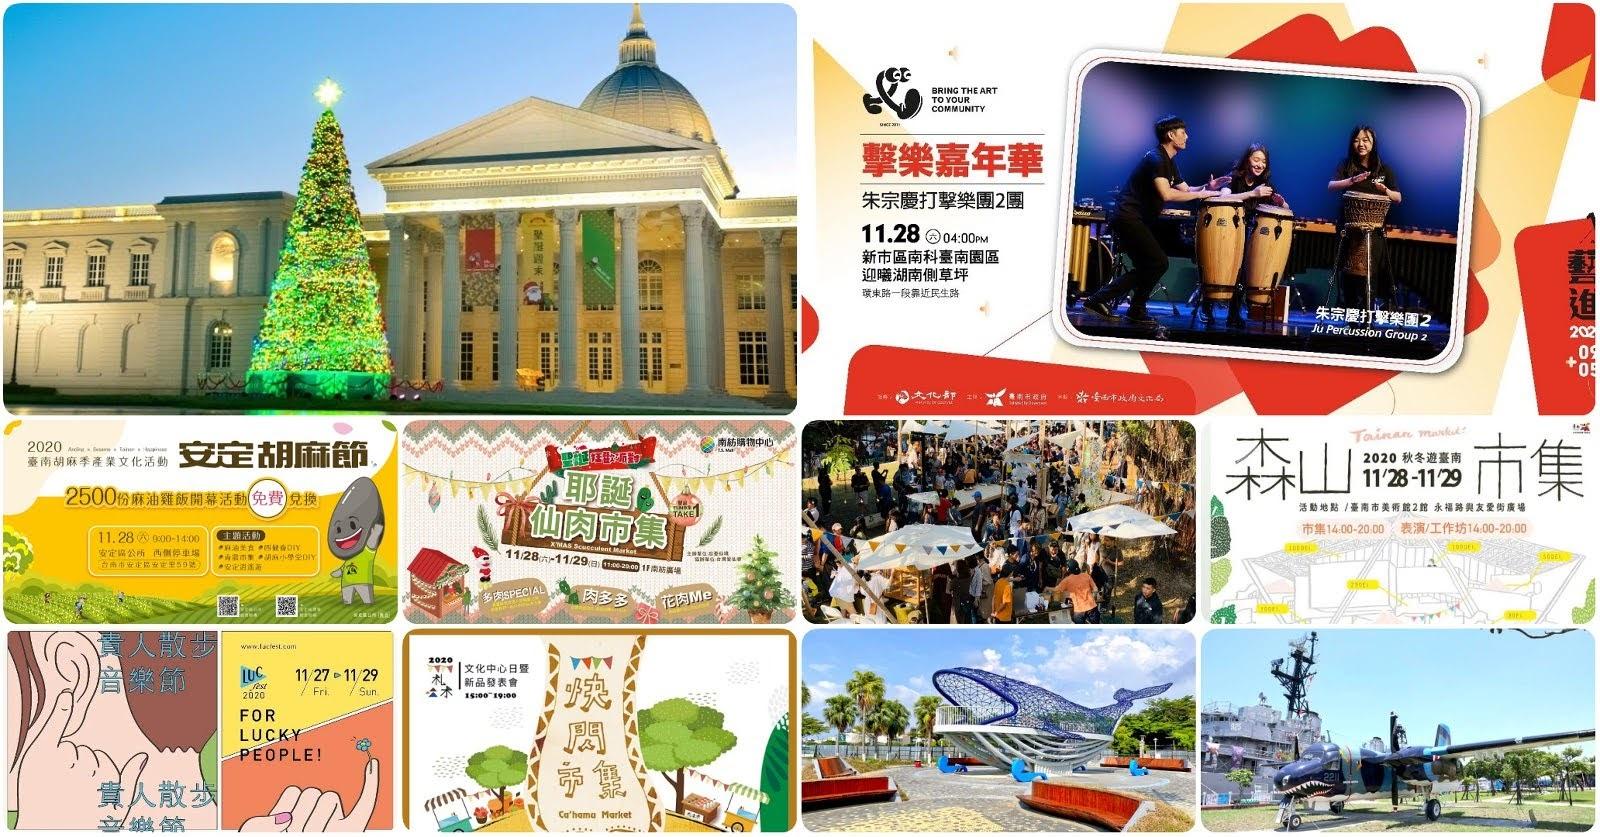 [活動] 2020/11/27-/11/29|台南週末活動整理|本週末資訊數:92